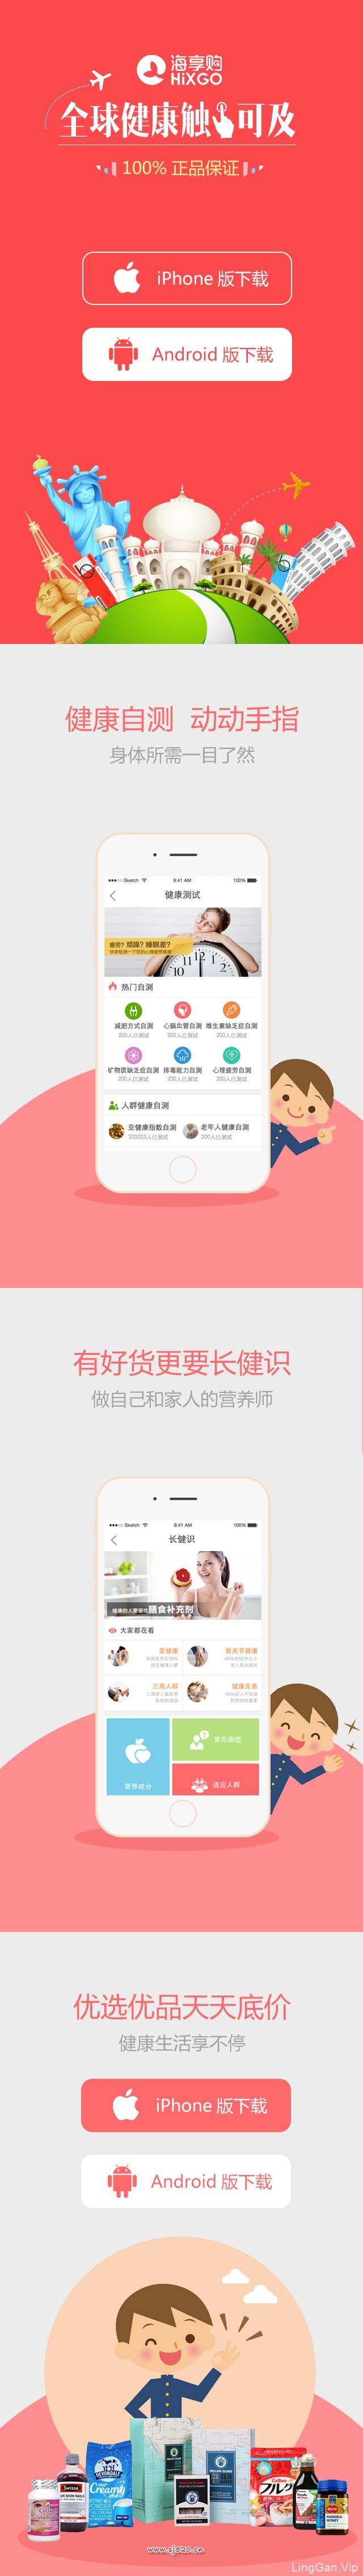 海享购APP微信分享下载页面、引导页面扁平化设计